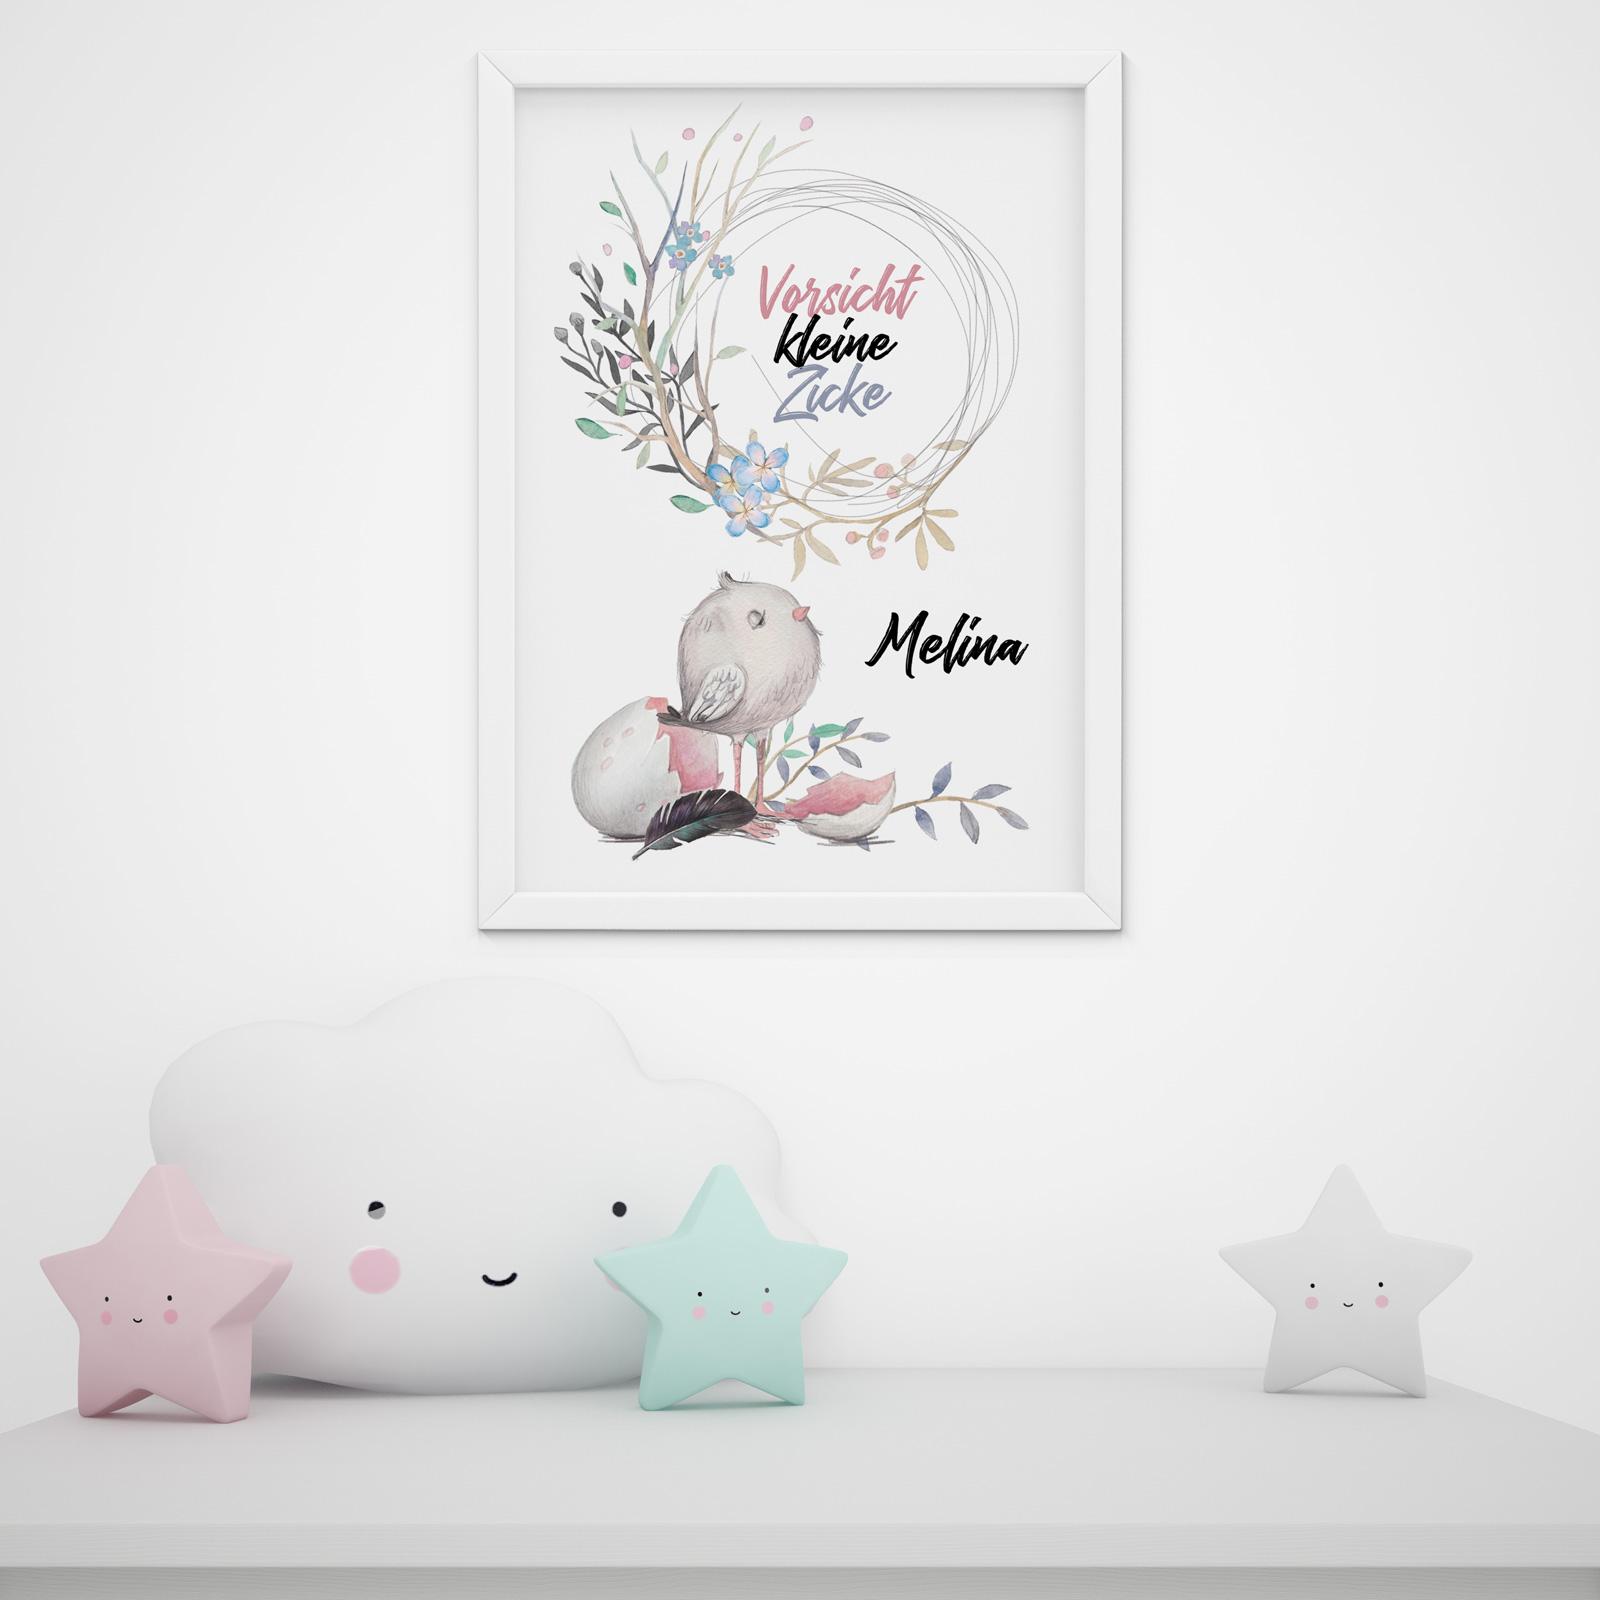 Kinderzimmer Babyzimmer Vorsicht Kleine Zicke A3 Poster Wanddeko ...